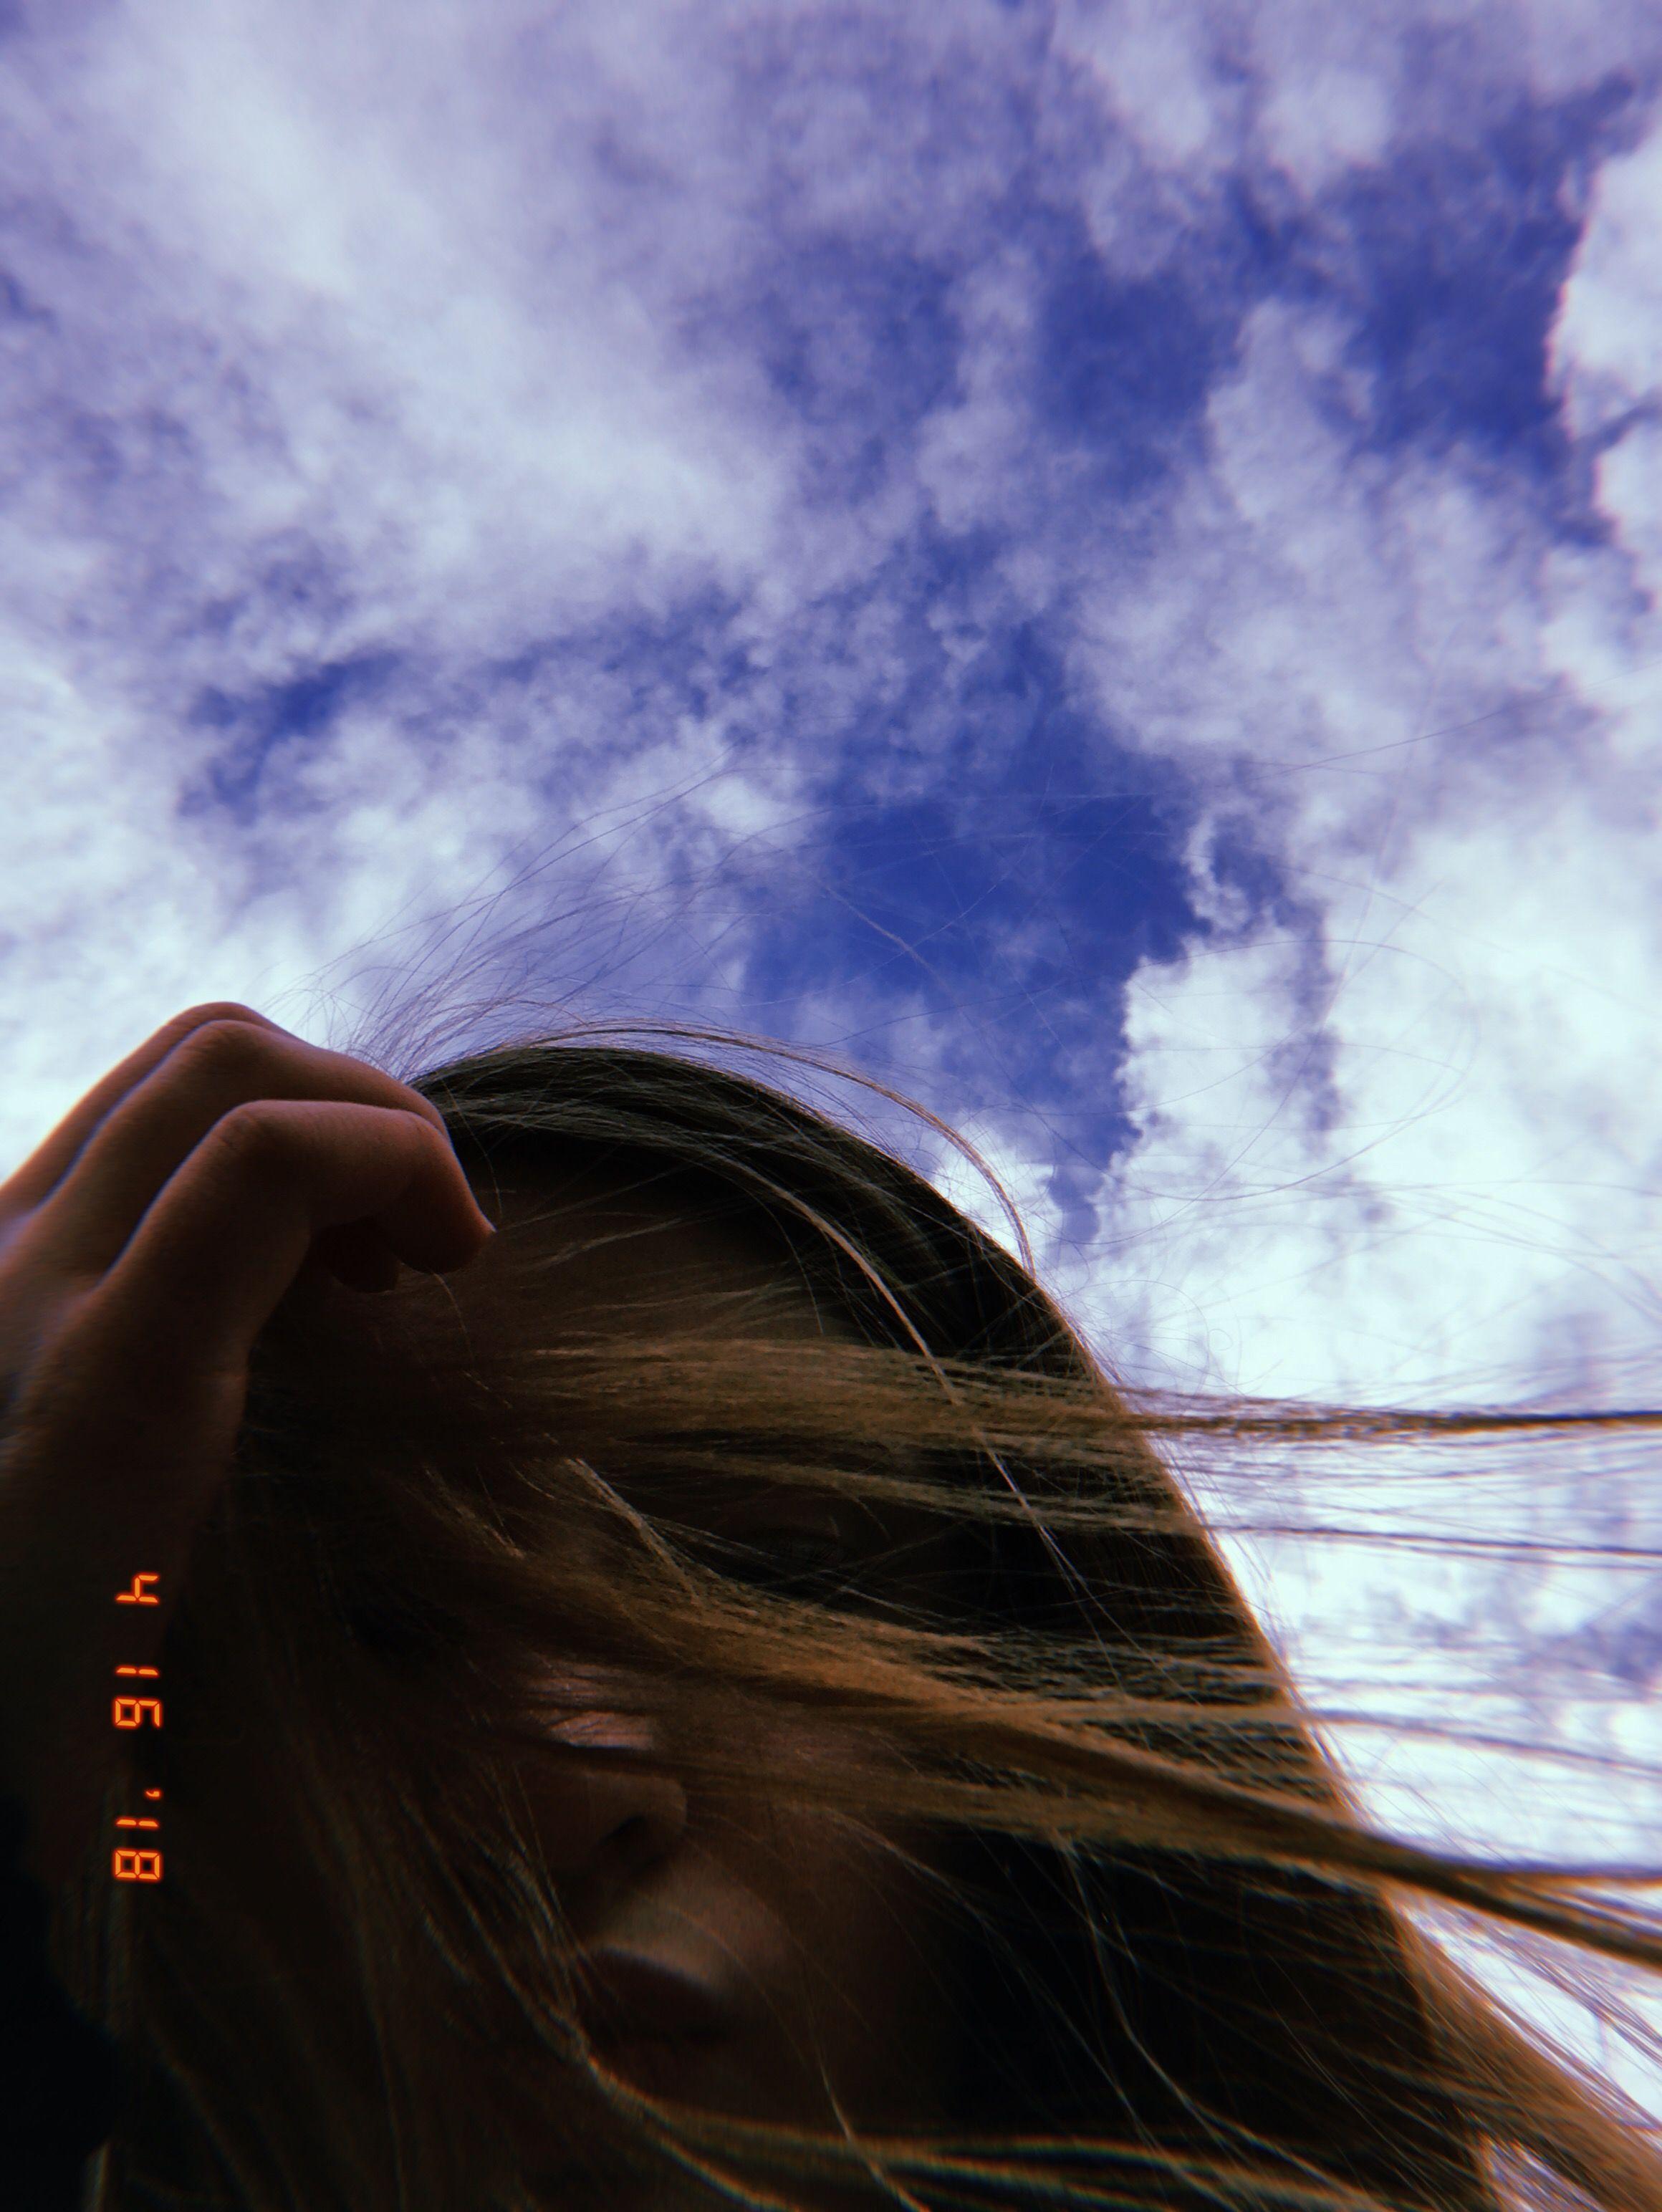 huji cam | Tumblr photography | Photos tumblr, Tumblr